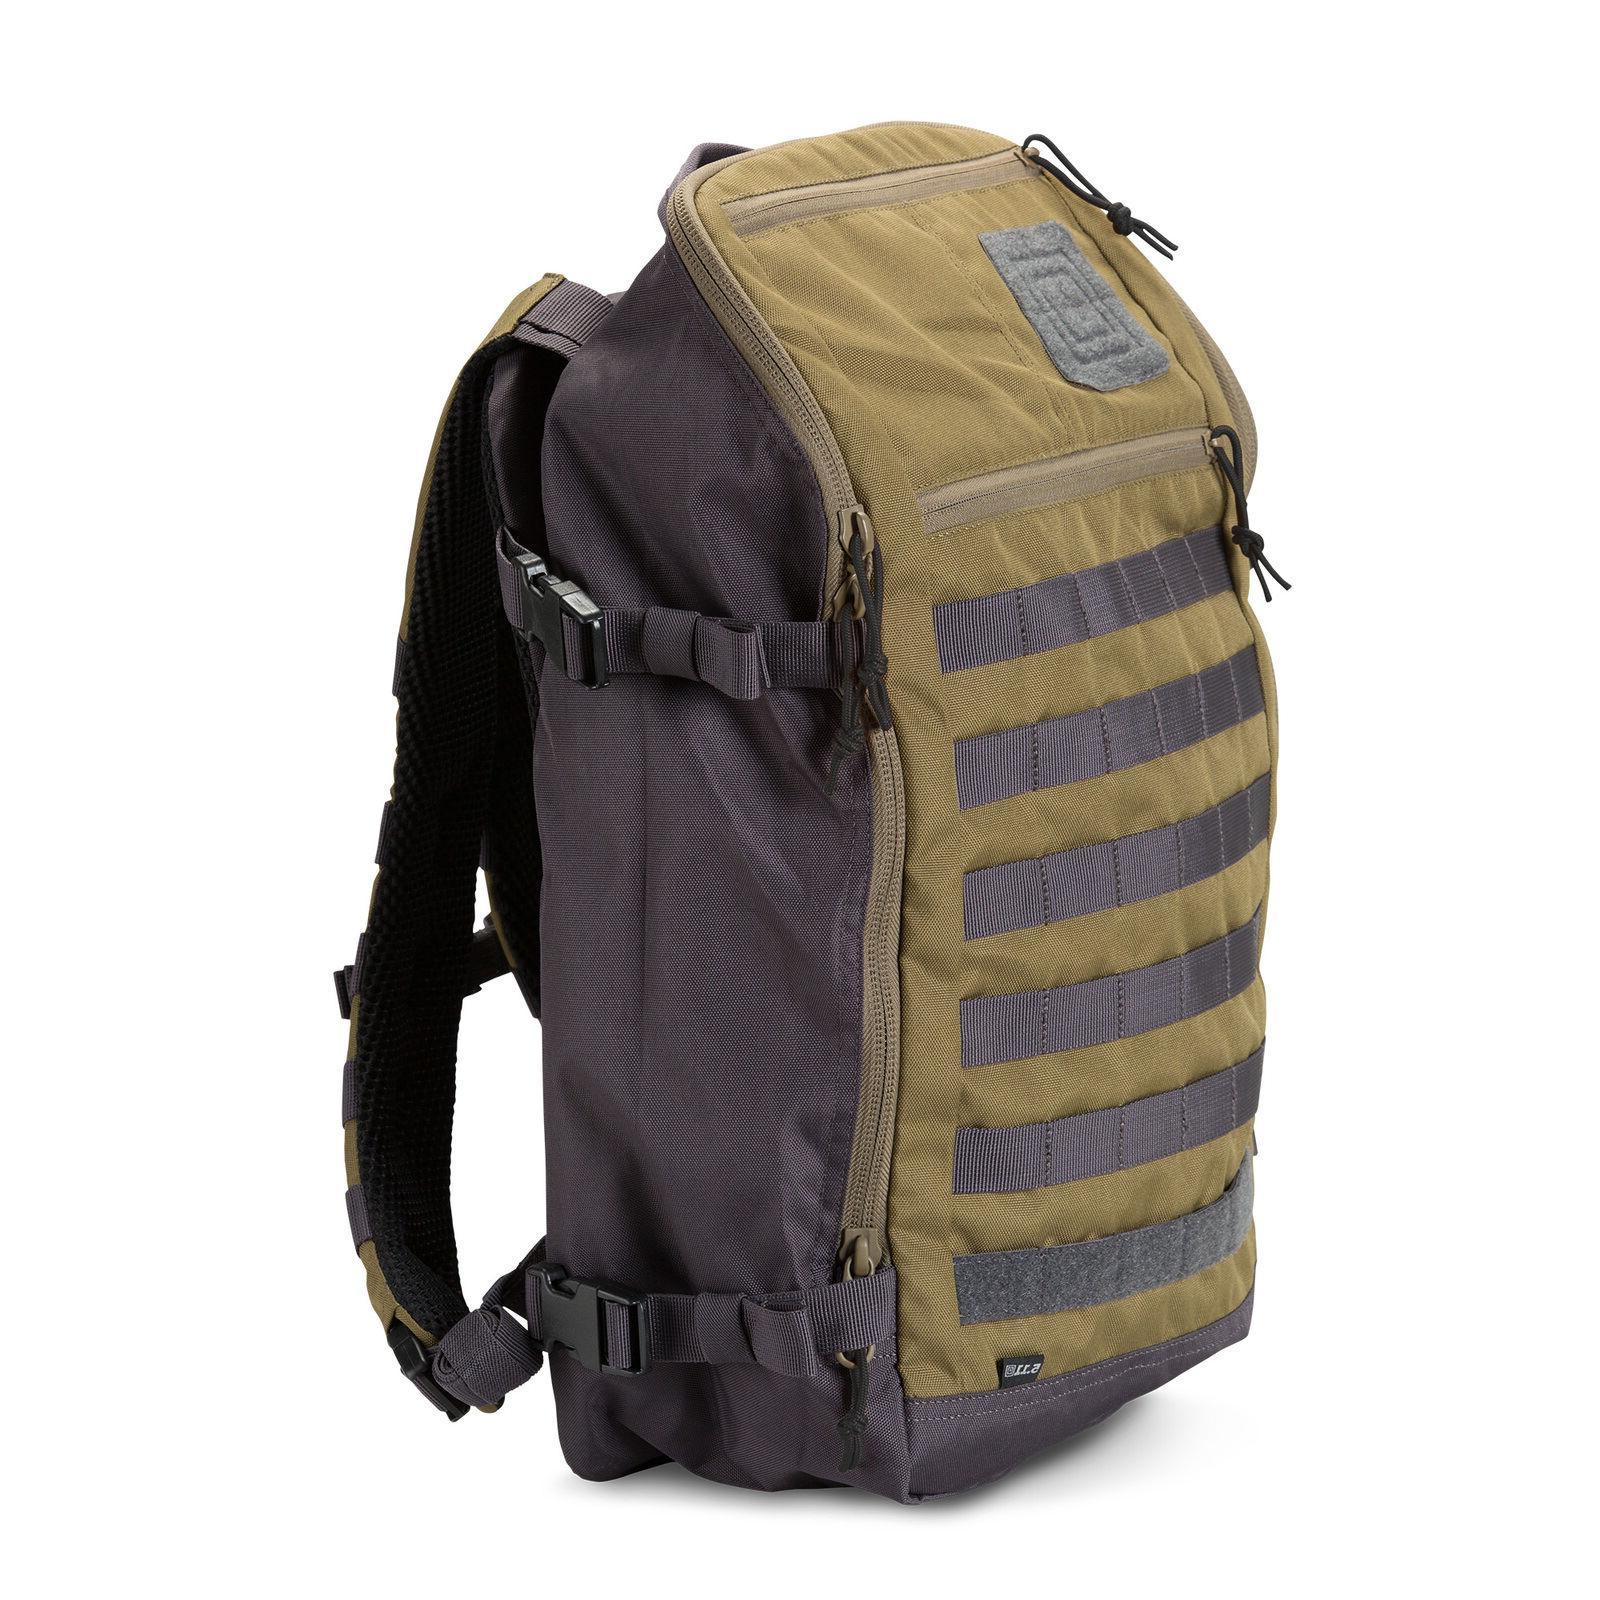 5.11 Zipper Bag Tactical Backpack Bag